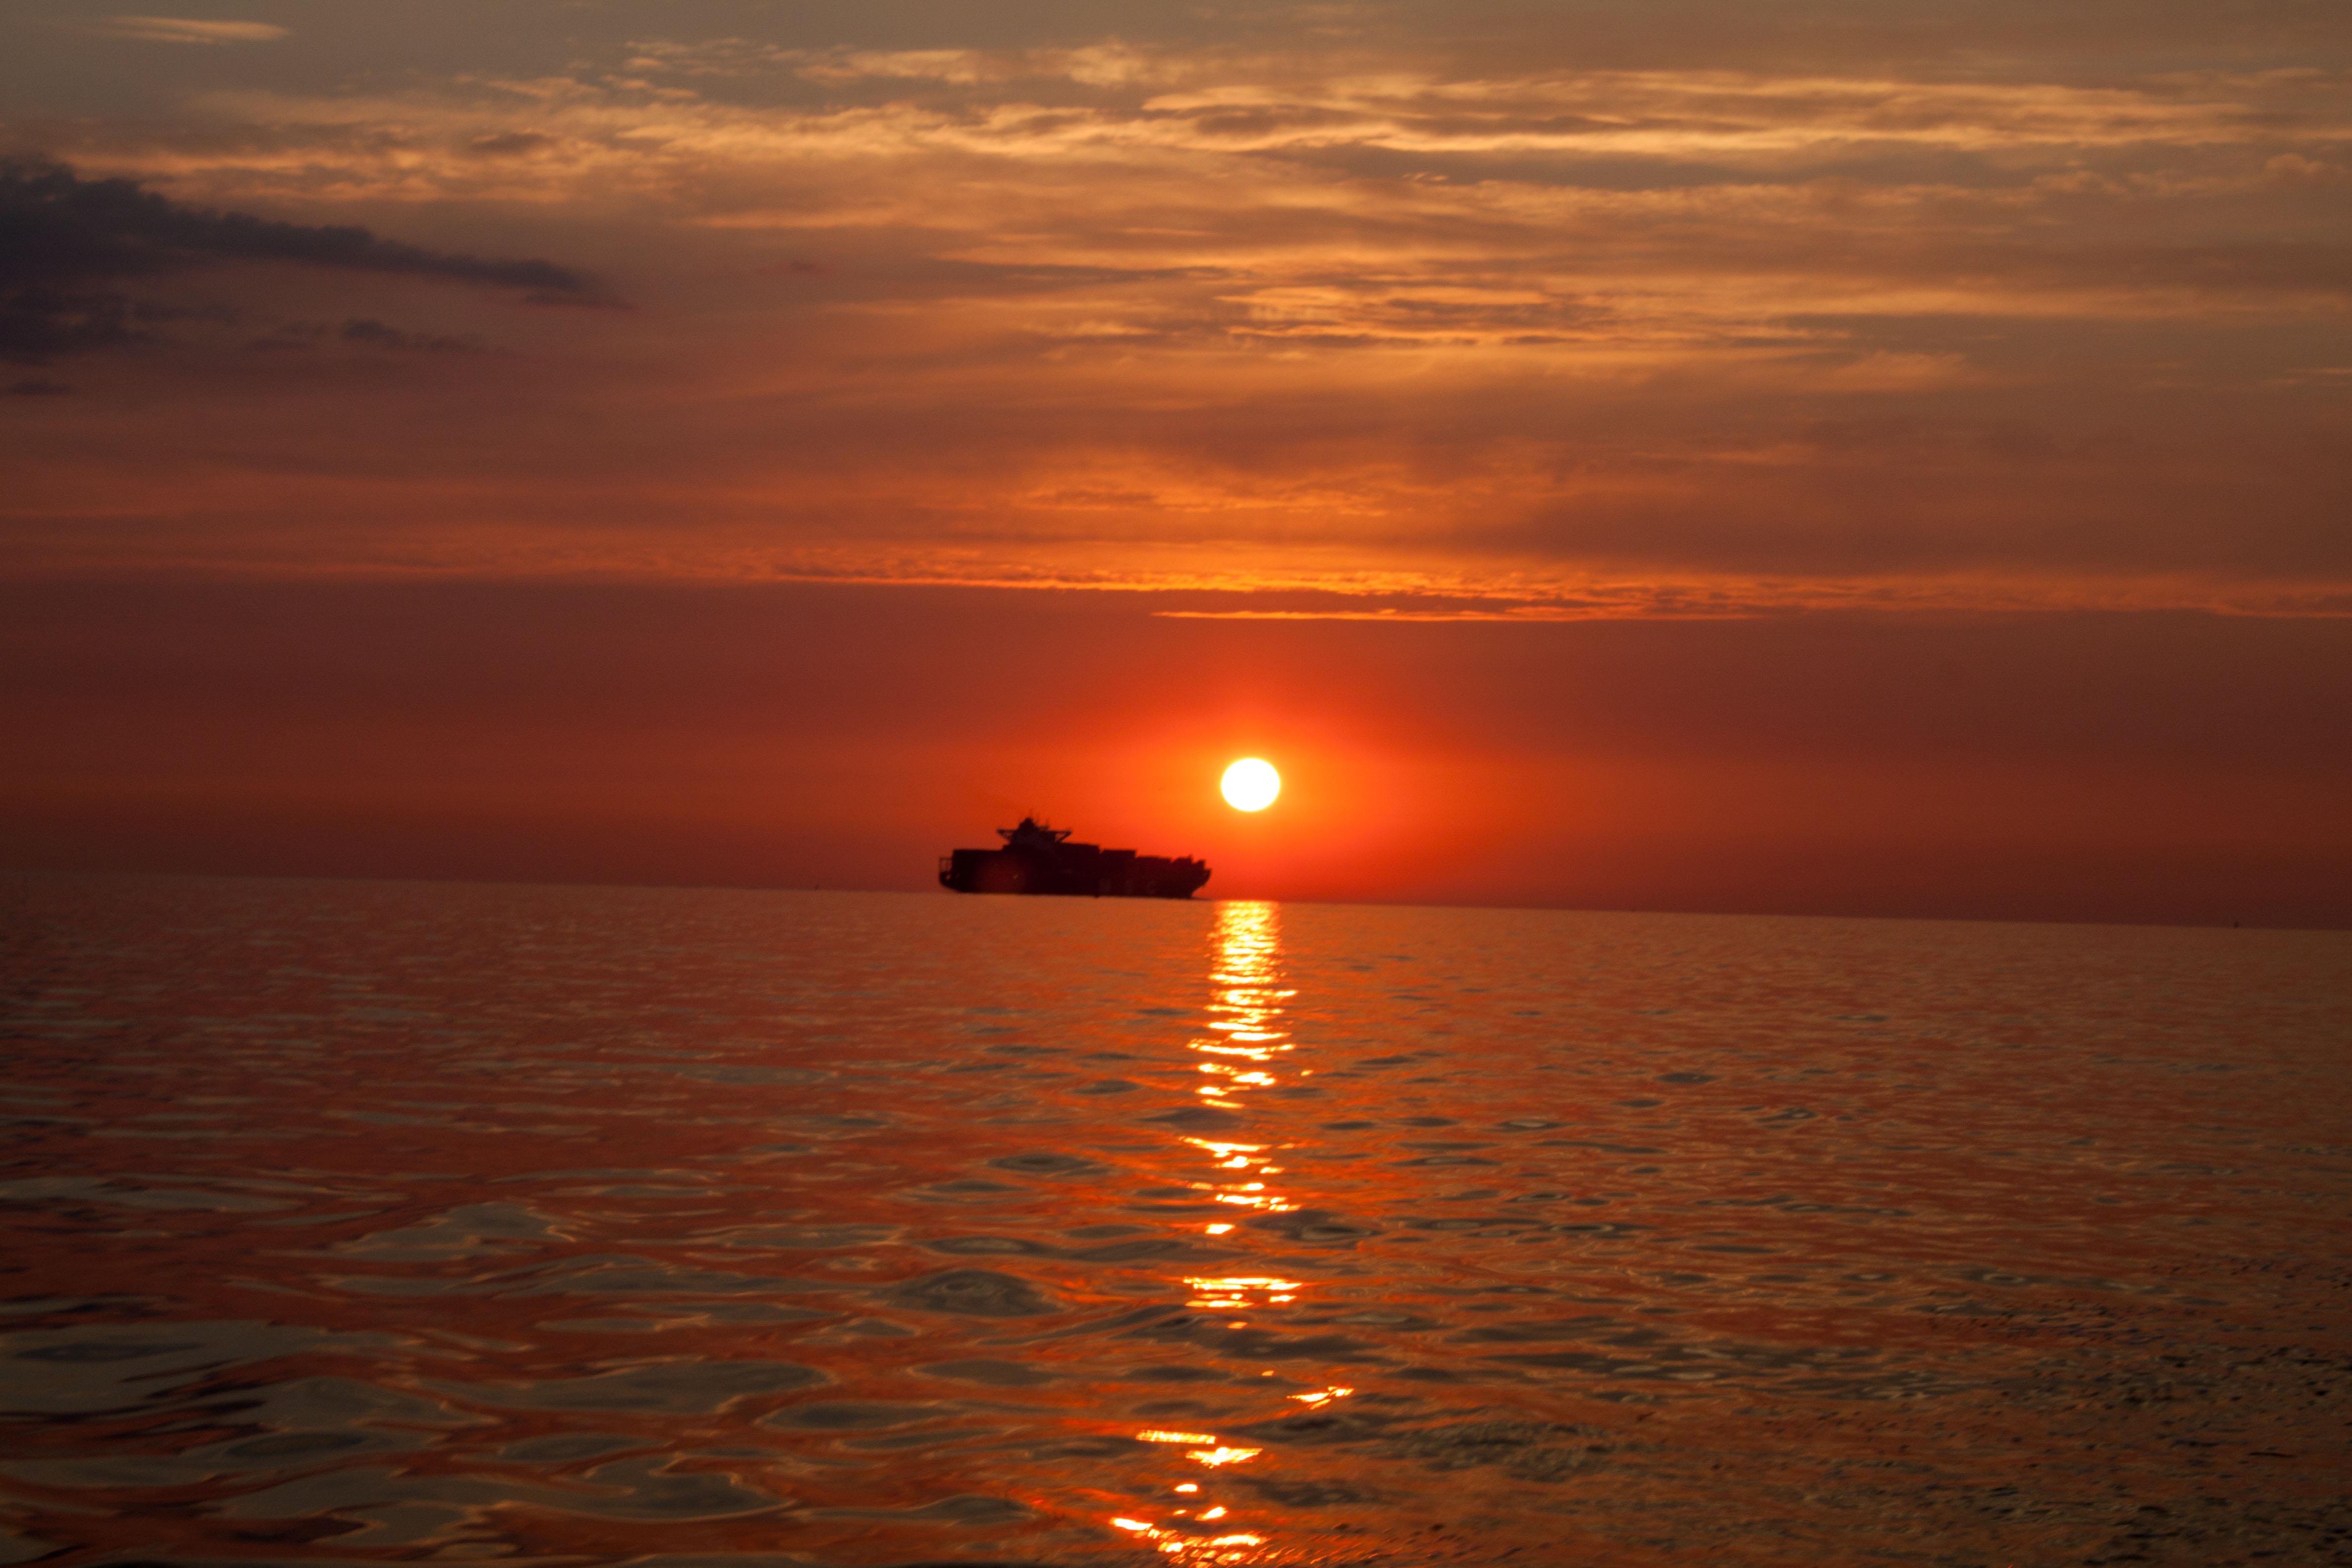 Sonnenuntergang - einfach schön